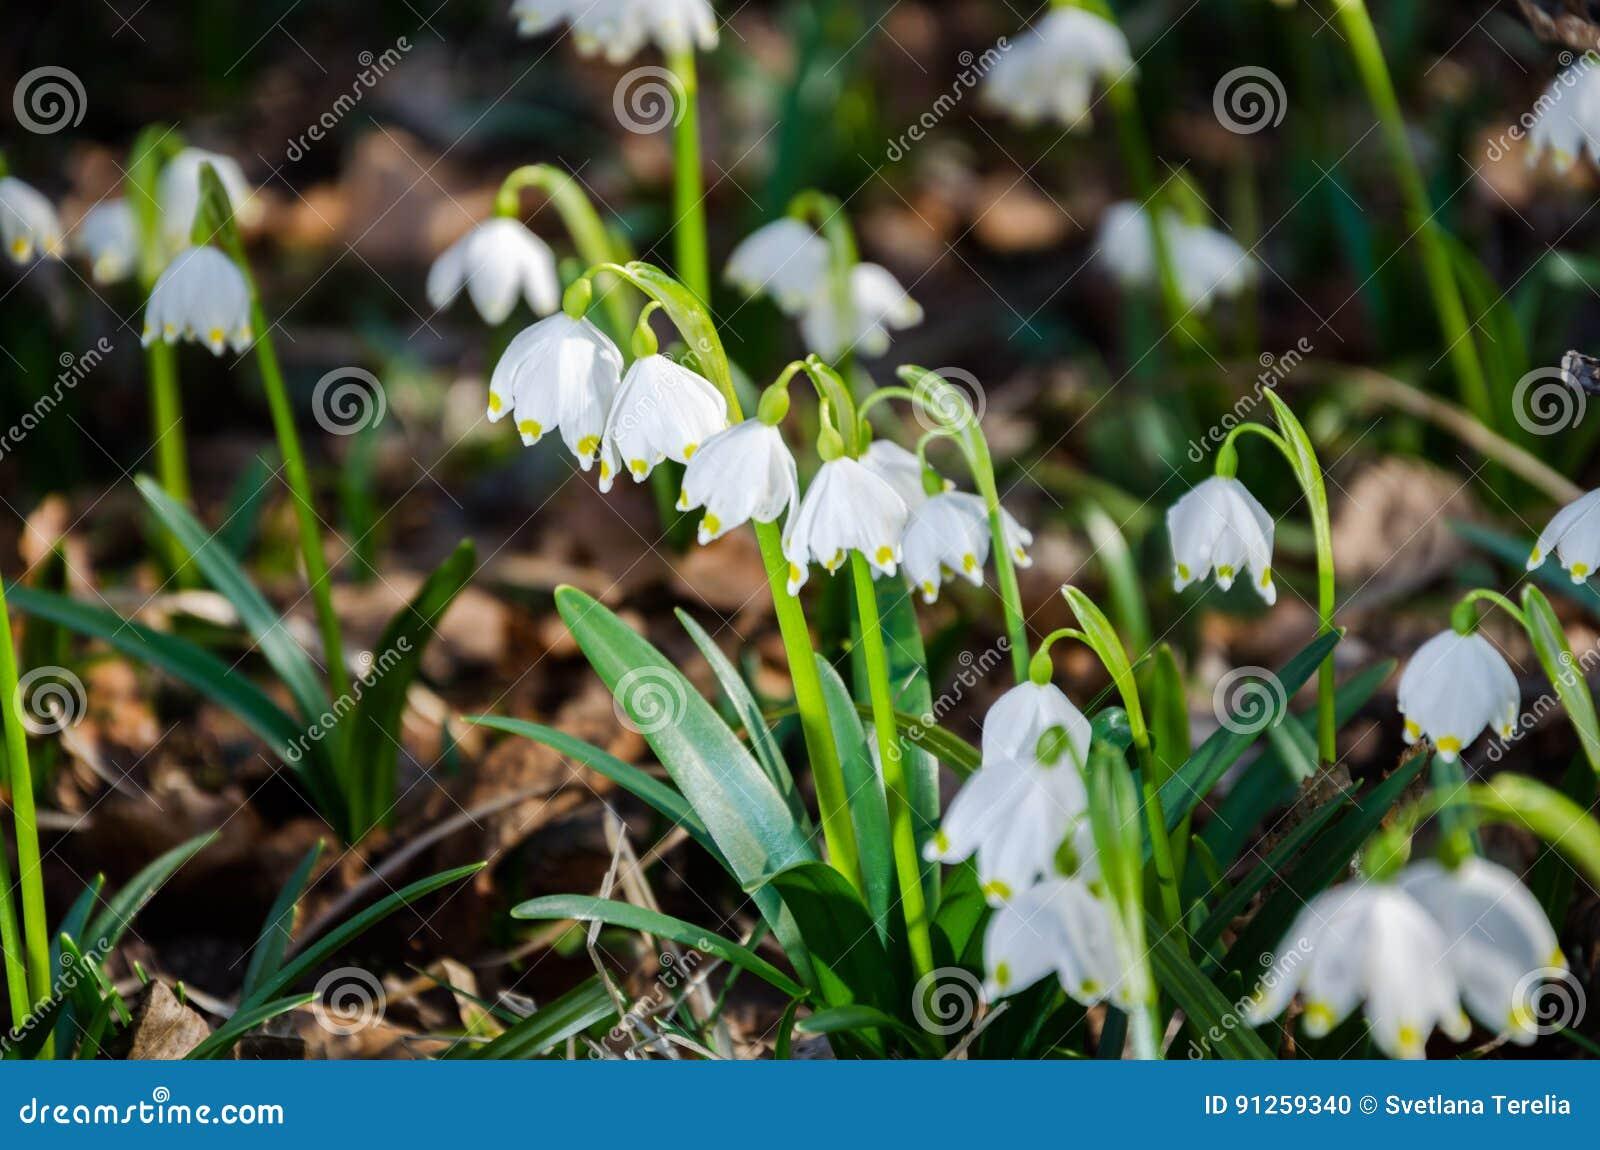 Erste Blumen Des Fruhlinges Schneeglockchenblumen Auf Einem